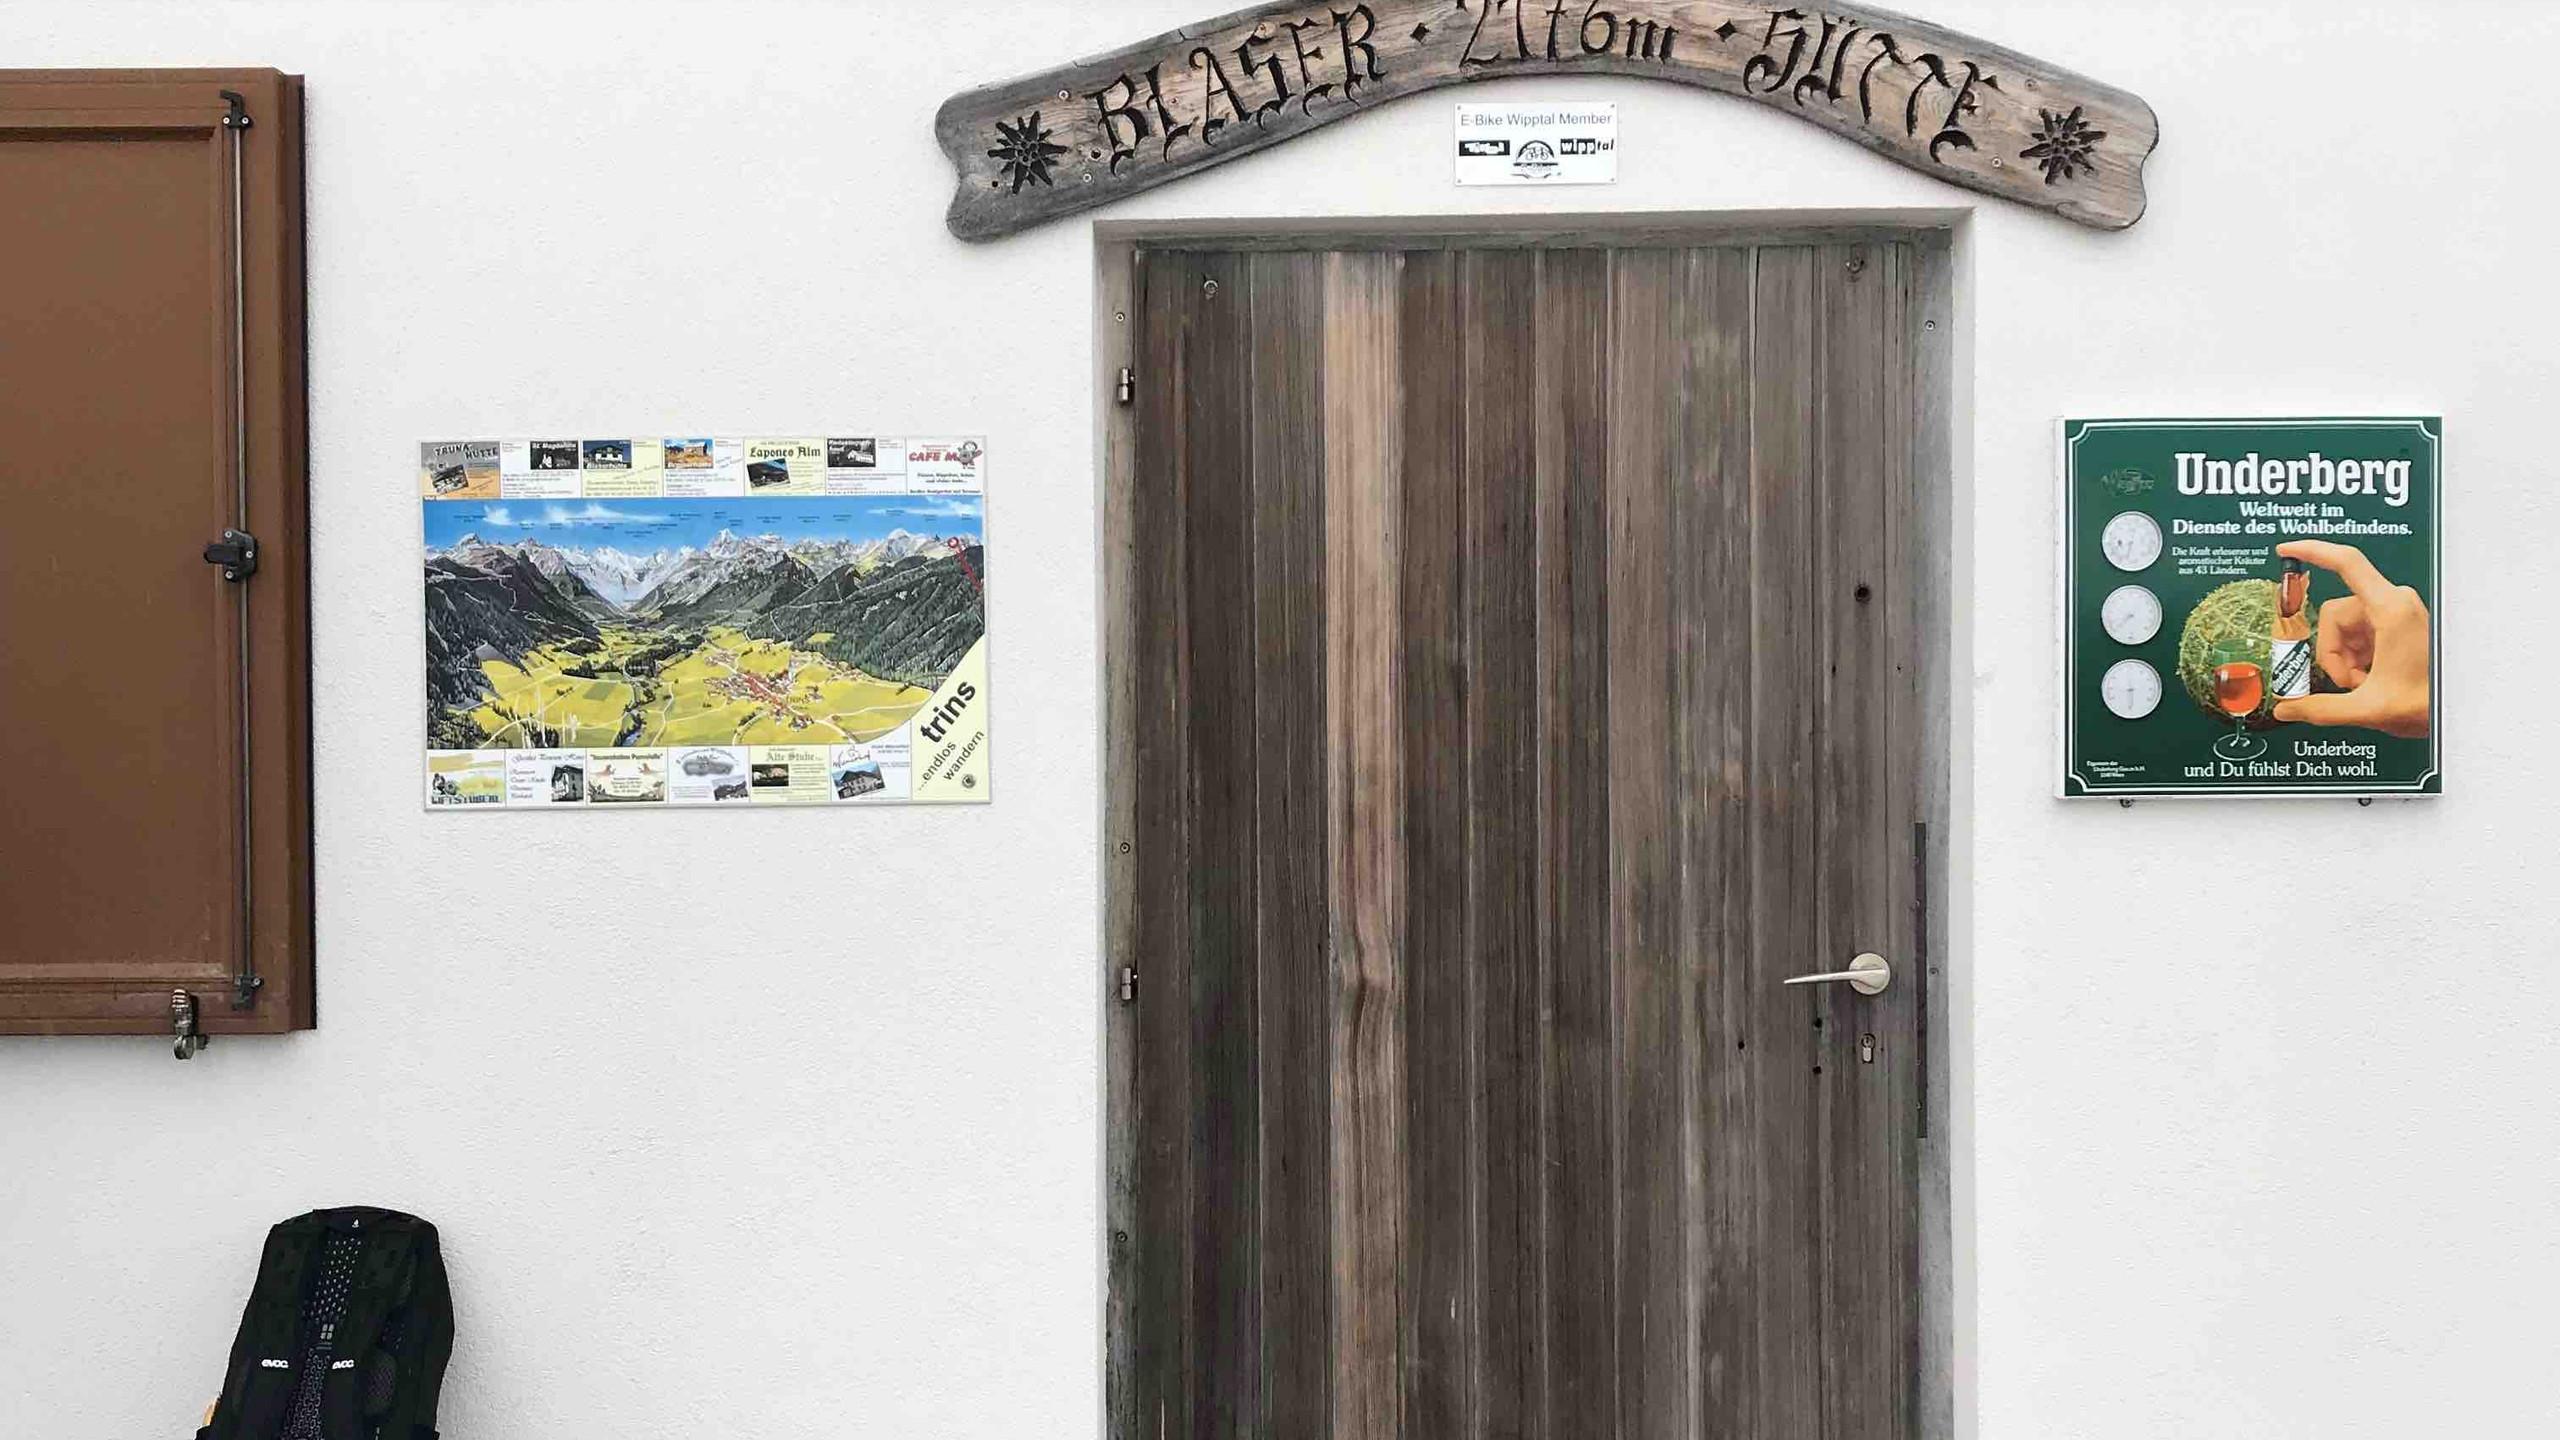 Holztuer der Blaserhuette, Biketour Gschnitztal